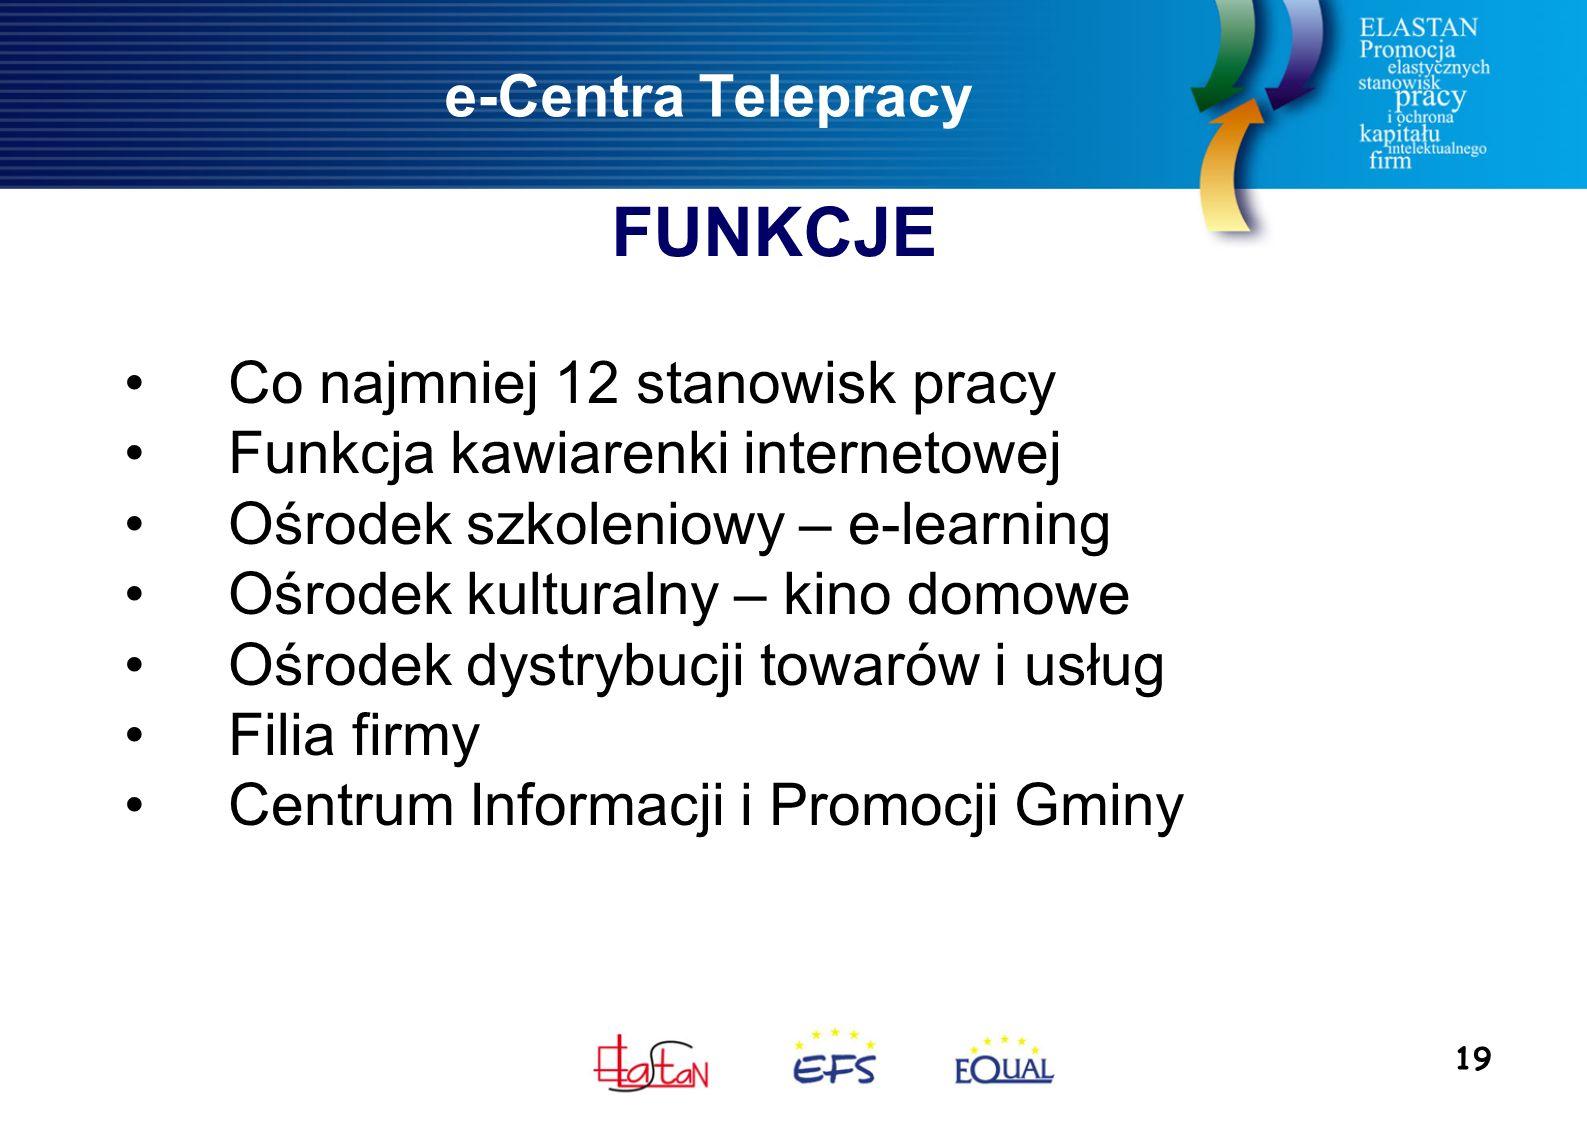 19 e-Centra Telepracy Co najmniej 12 stanowisk pracy Funkcja kawiarenki internetowej Ośrodek szkoleniowy – e-learning Ośrodek kulturalny – kino domowe